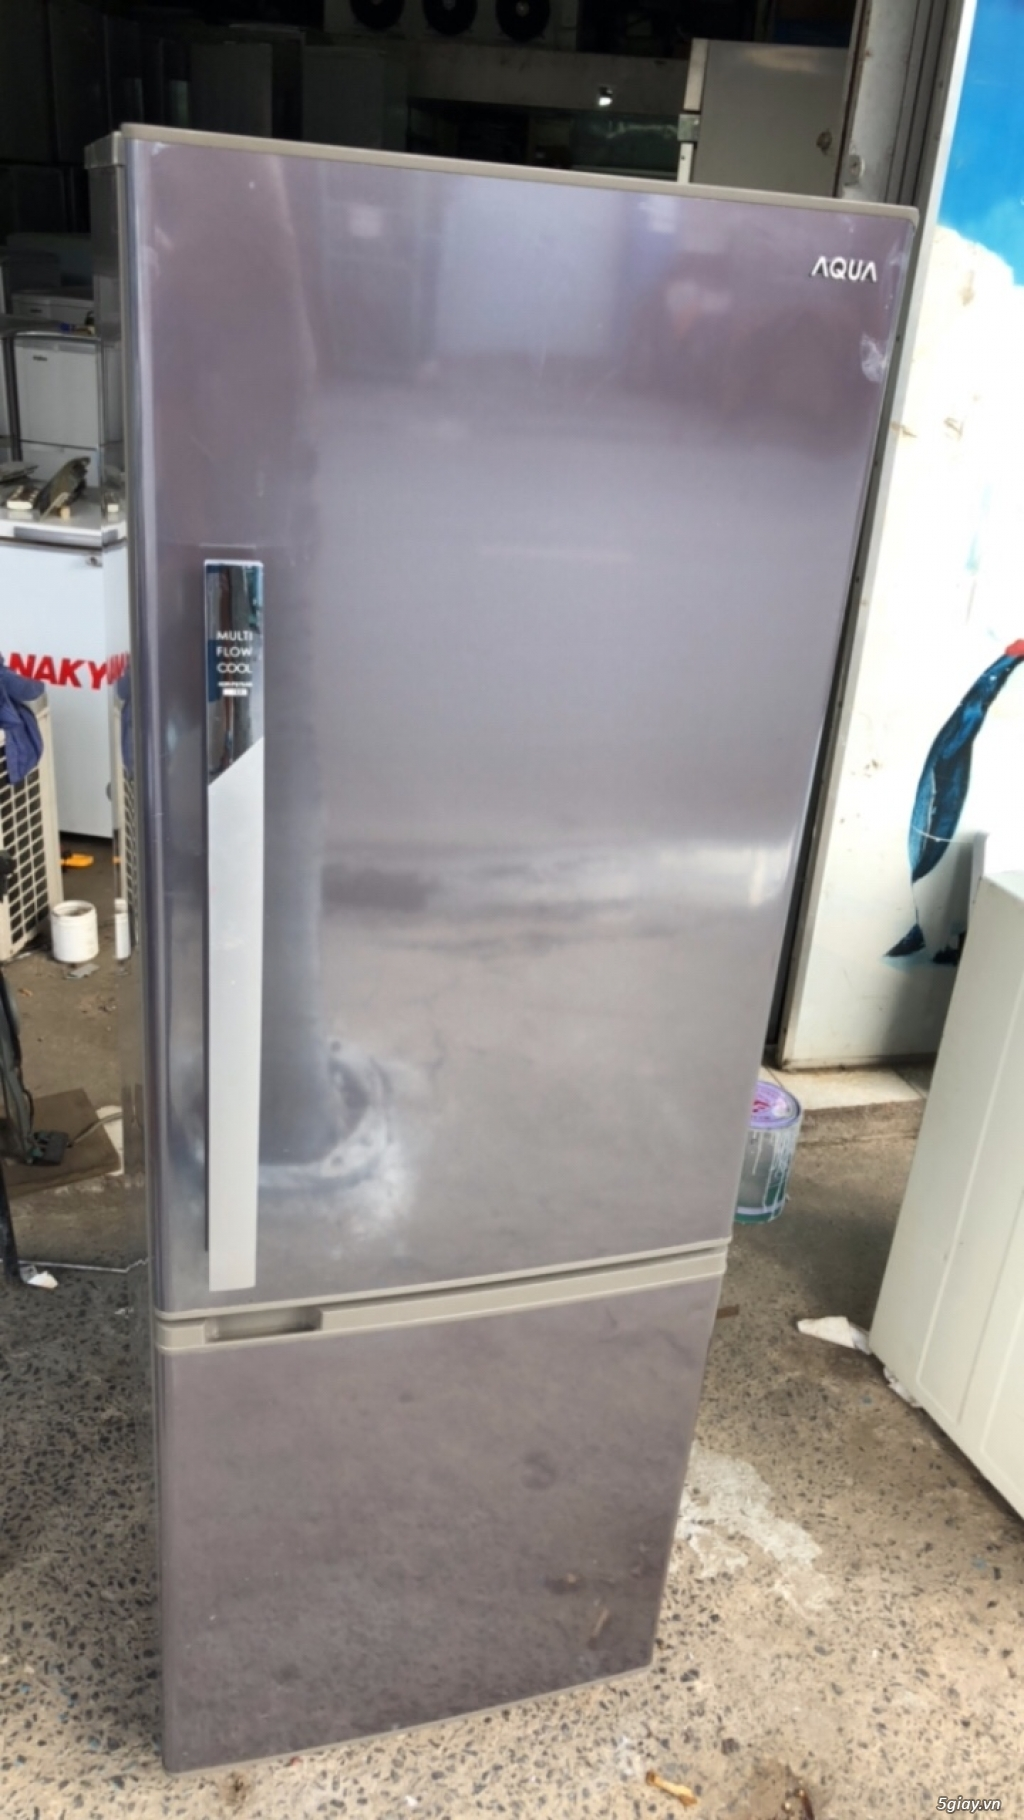 Thanh lý tủ lạnh cũ Aqua 244l, mới 94%, bao test - 1